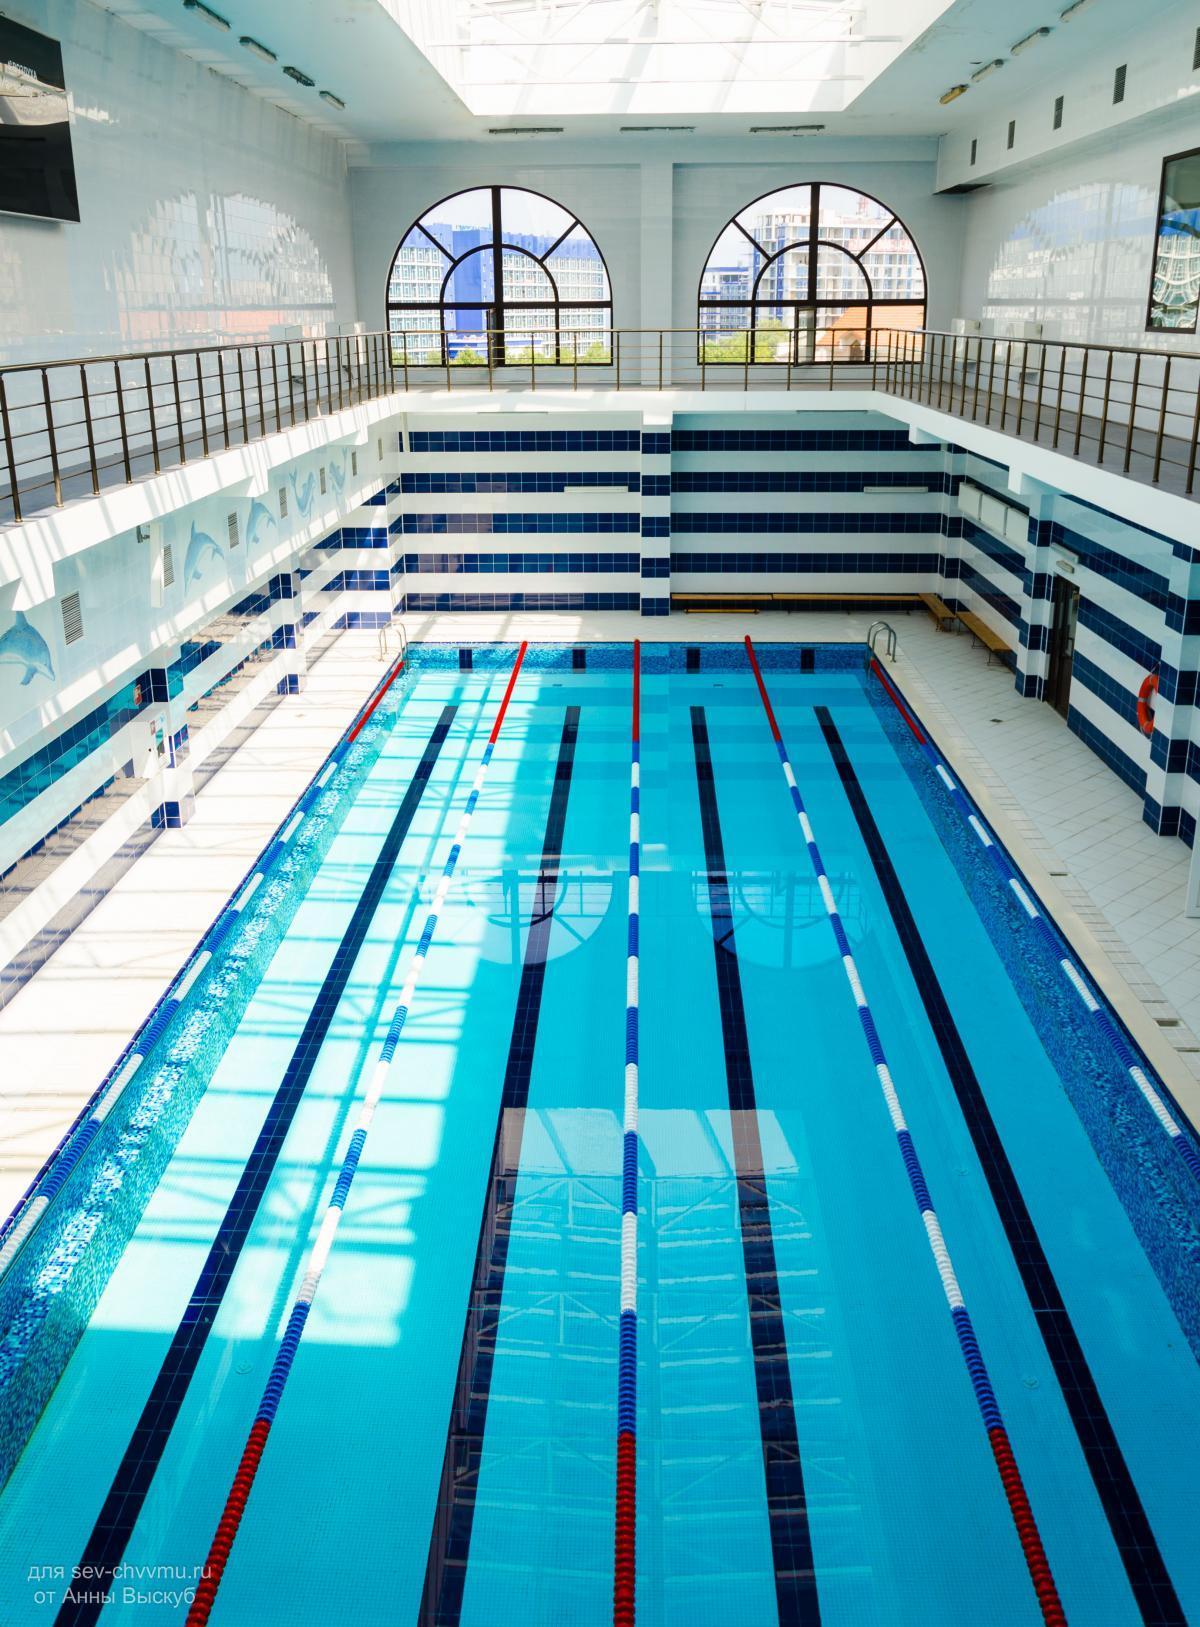 Плавательные бассейны в картинках